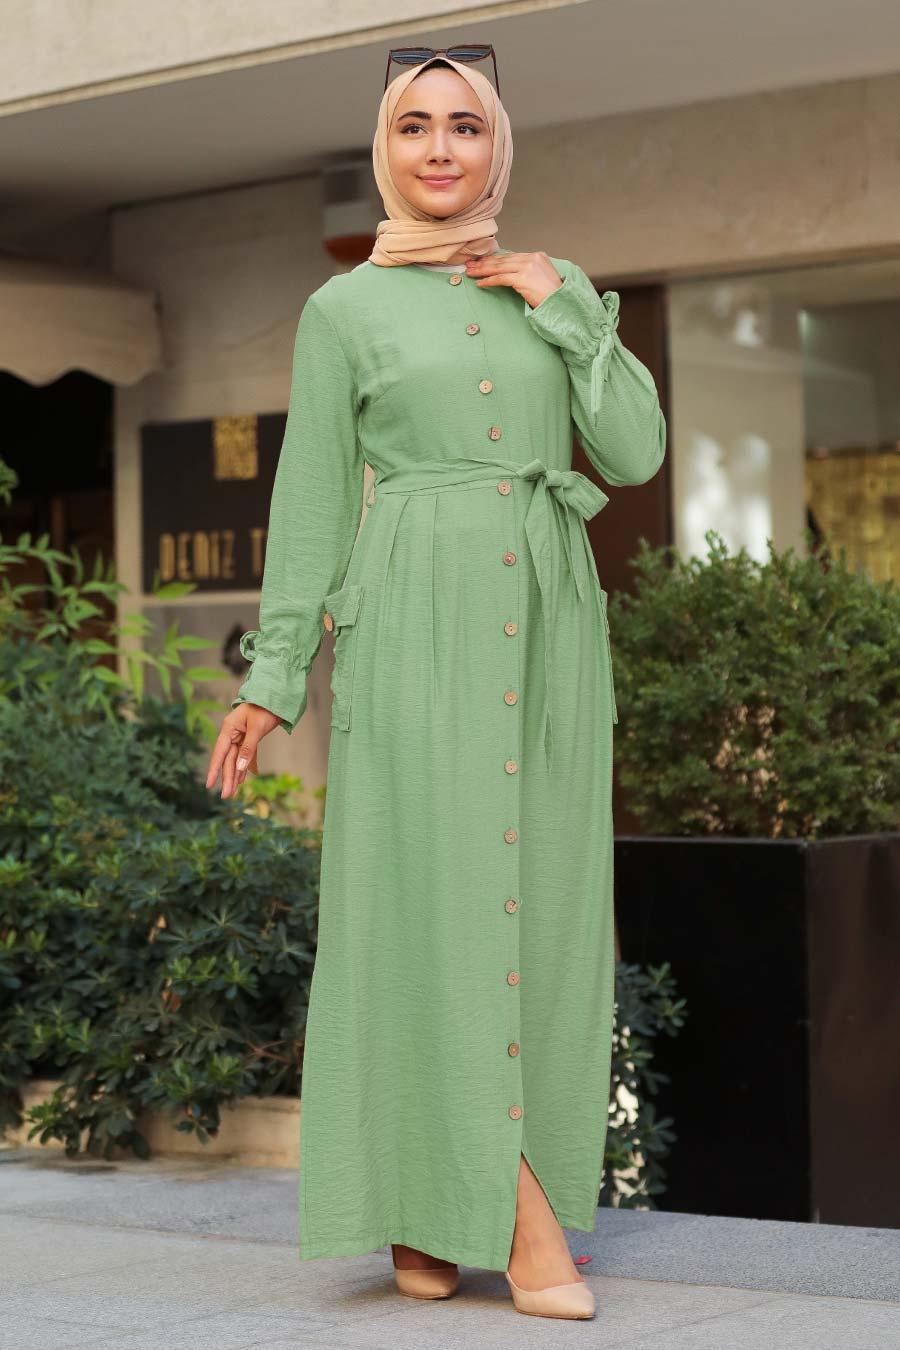 Neva Style - Düğmeli Çağla Yeşili Tesettür Elbise 3335CY